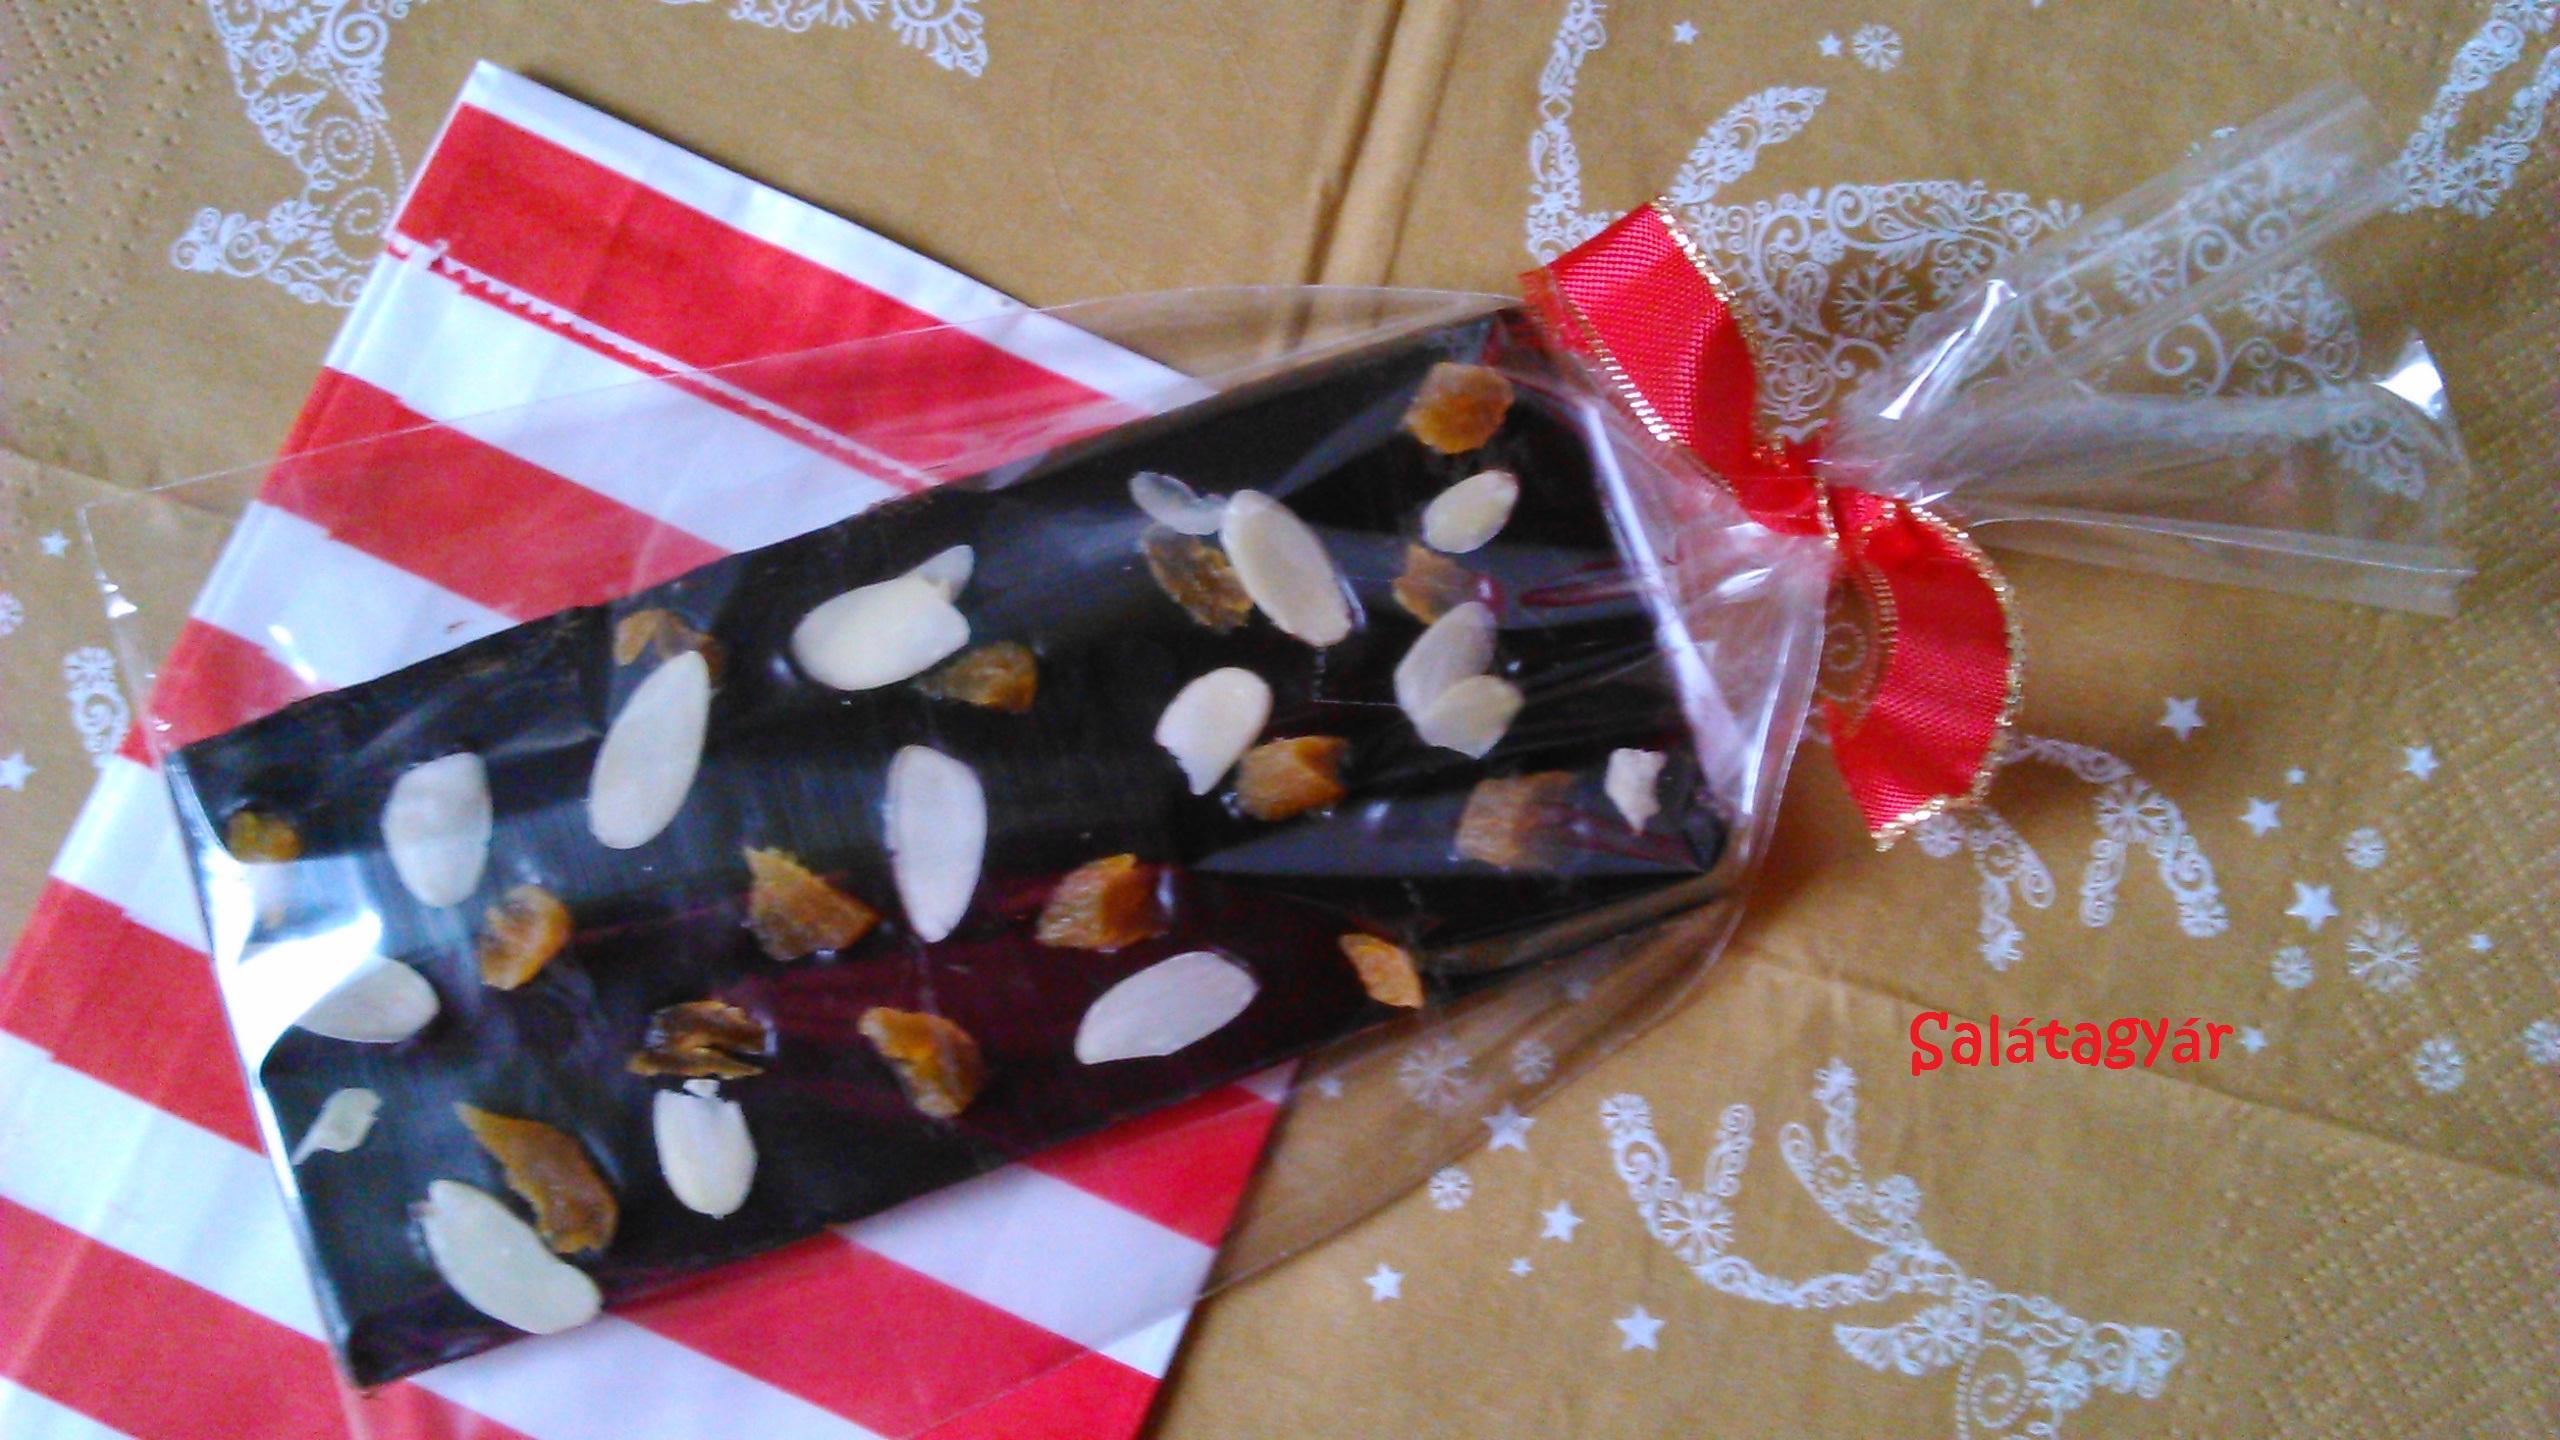 Diétás csoki házilag, diétás csokoládé, cukormentes csoki